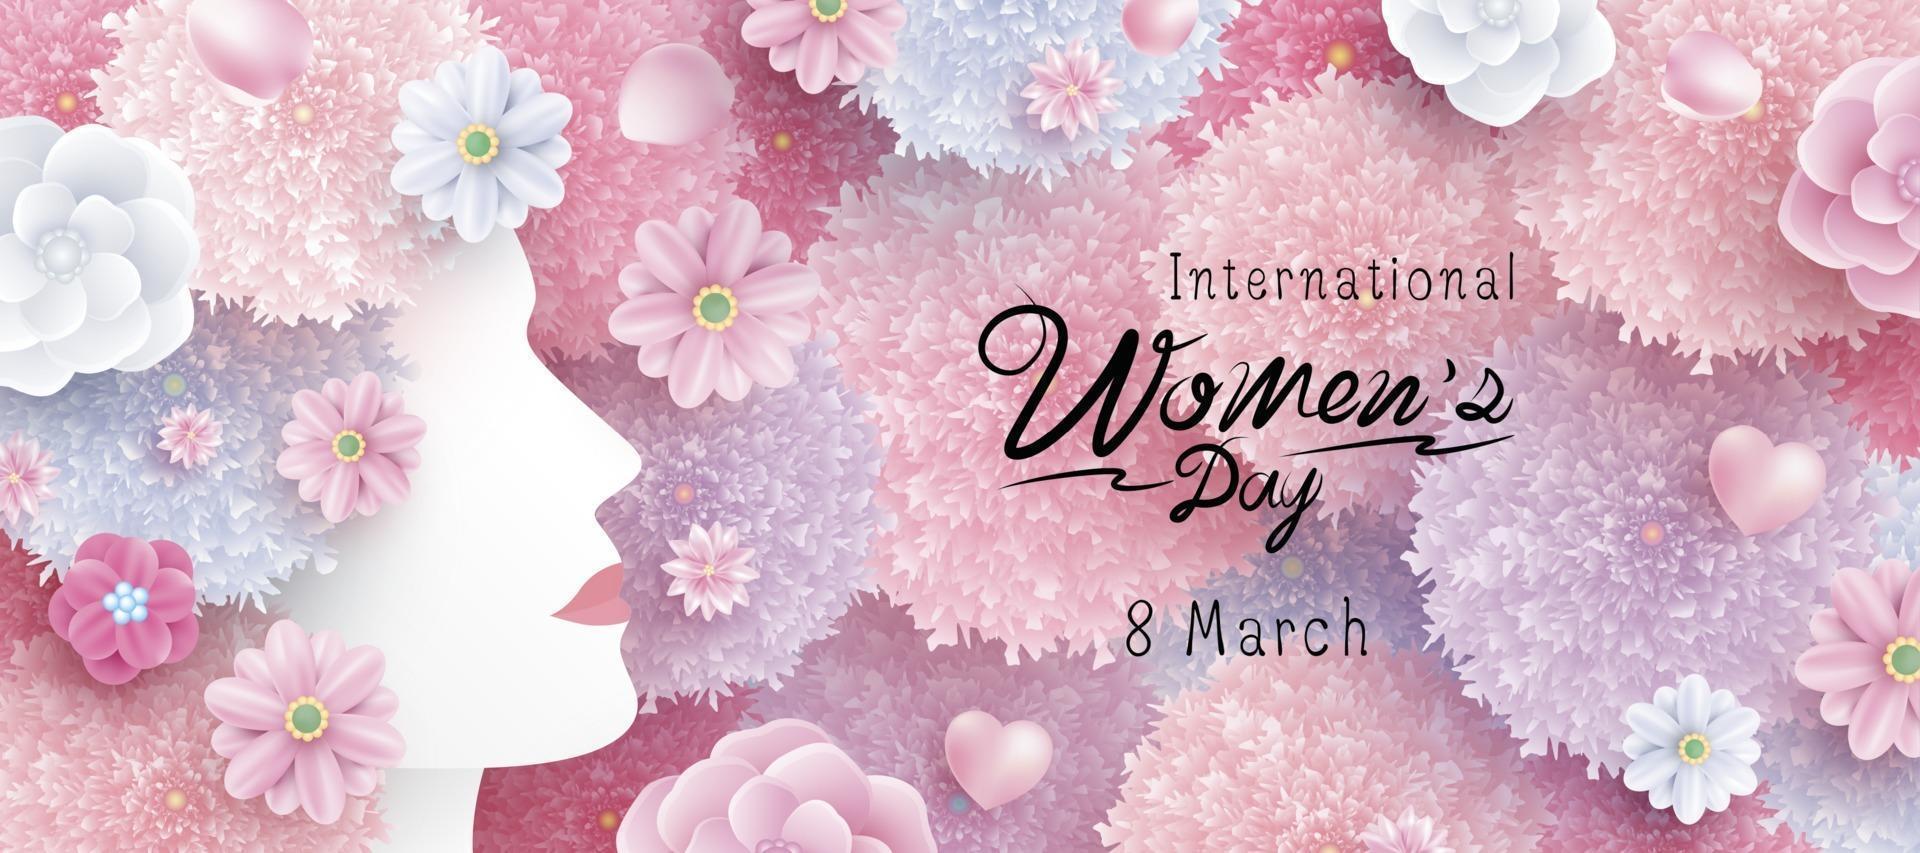 8 marzo giornata internazionale della donna concept design di donna e fiori illustrazione vettoriale